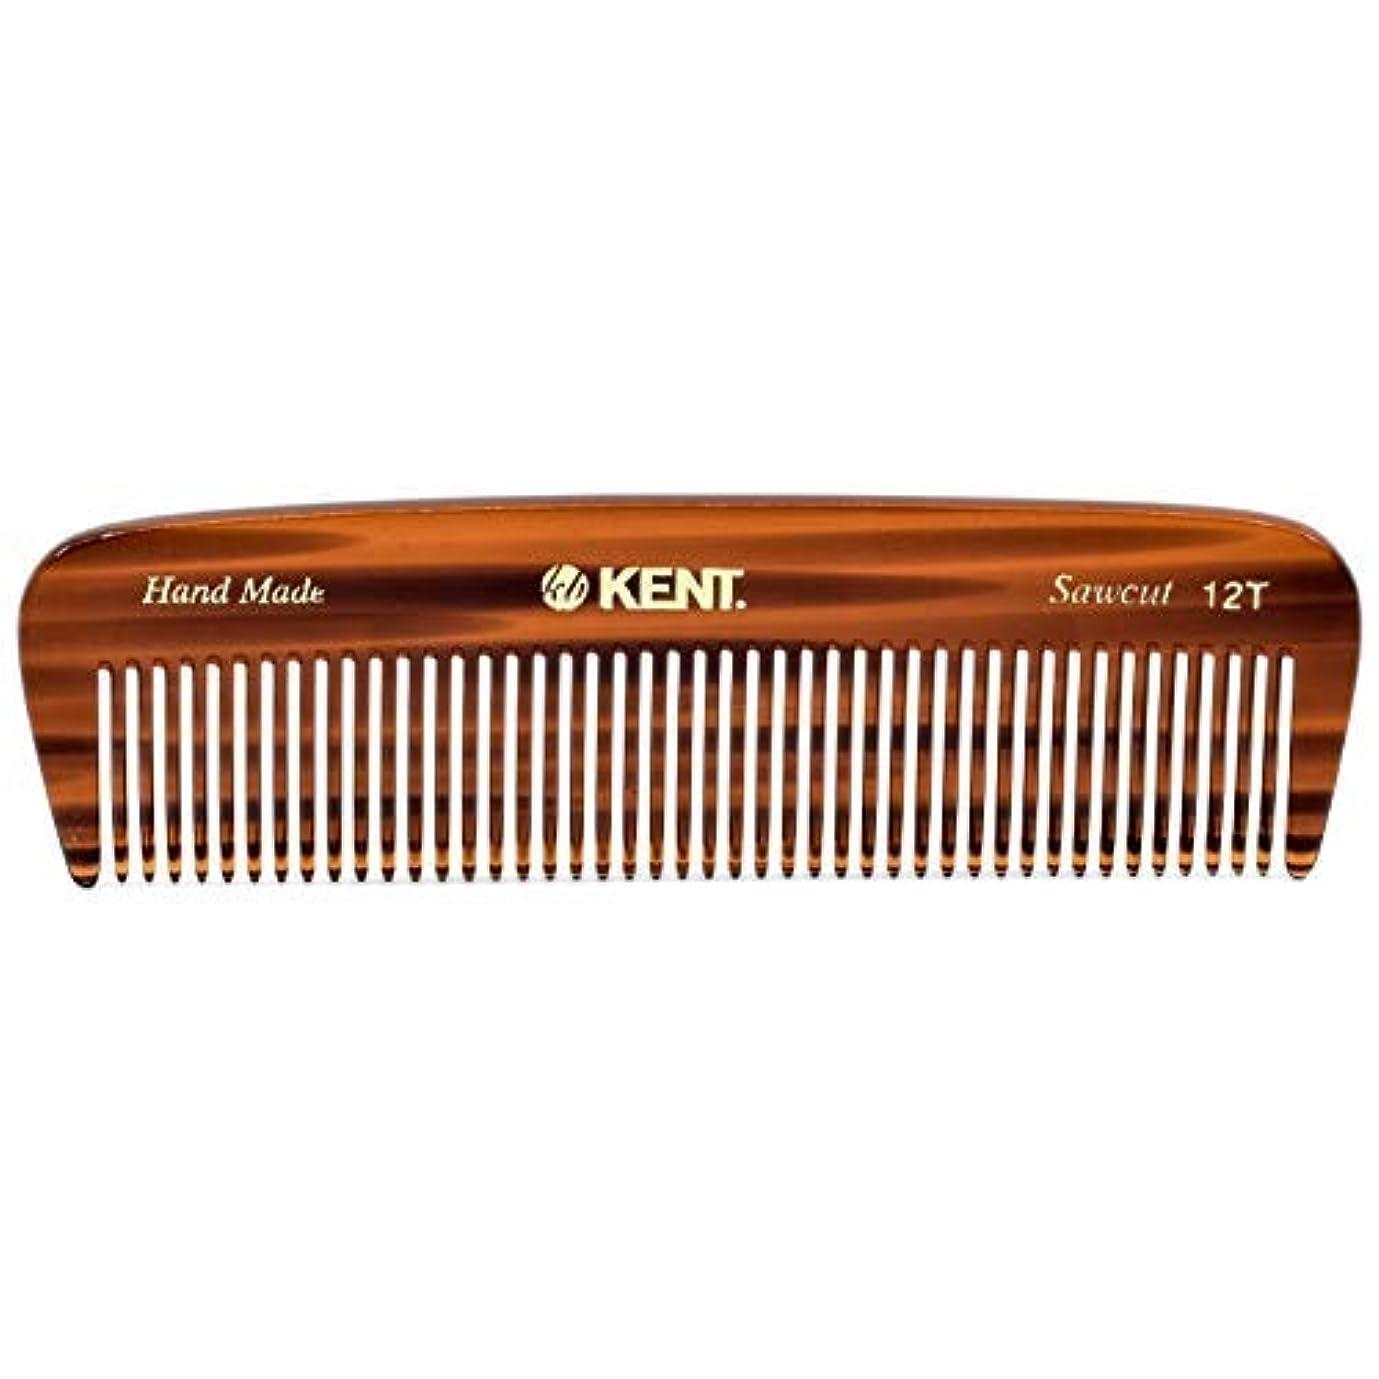 最愛の生物学ハントKent 12T Handmade Medium Size Teeth for Thick/Coarse Hair Comb for Men/Women - For Grooming, Styling, and Detangling...